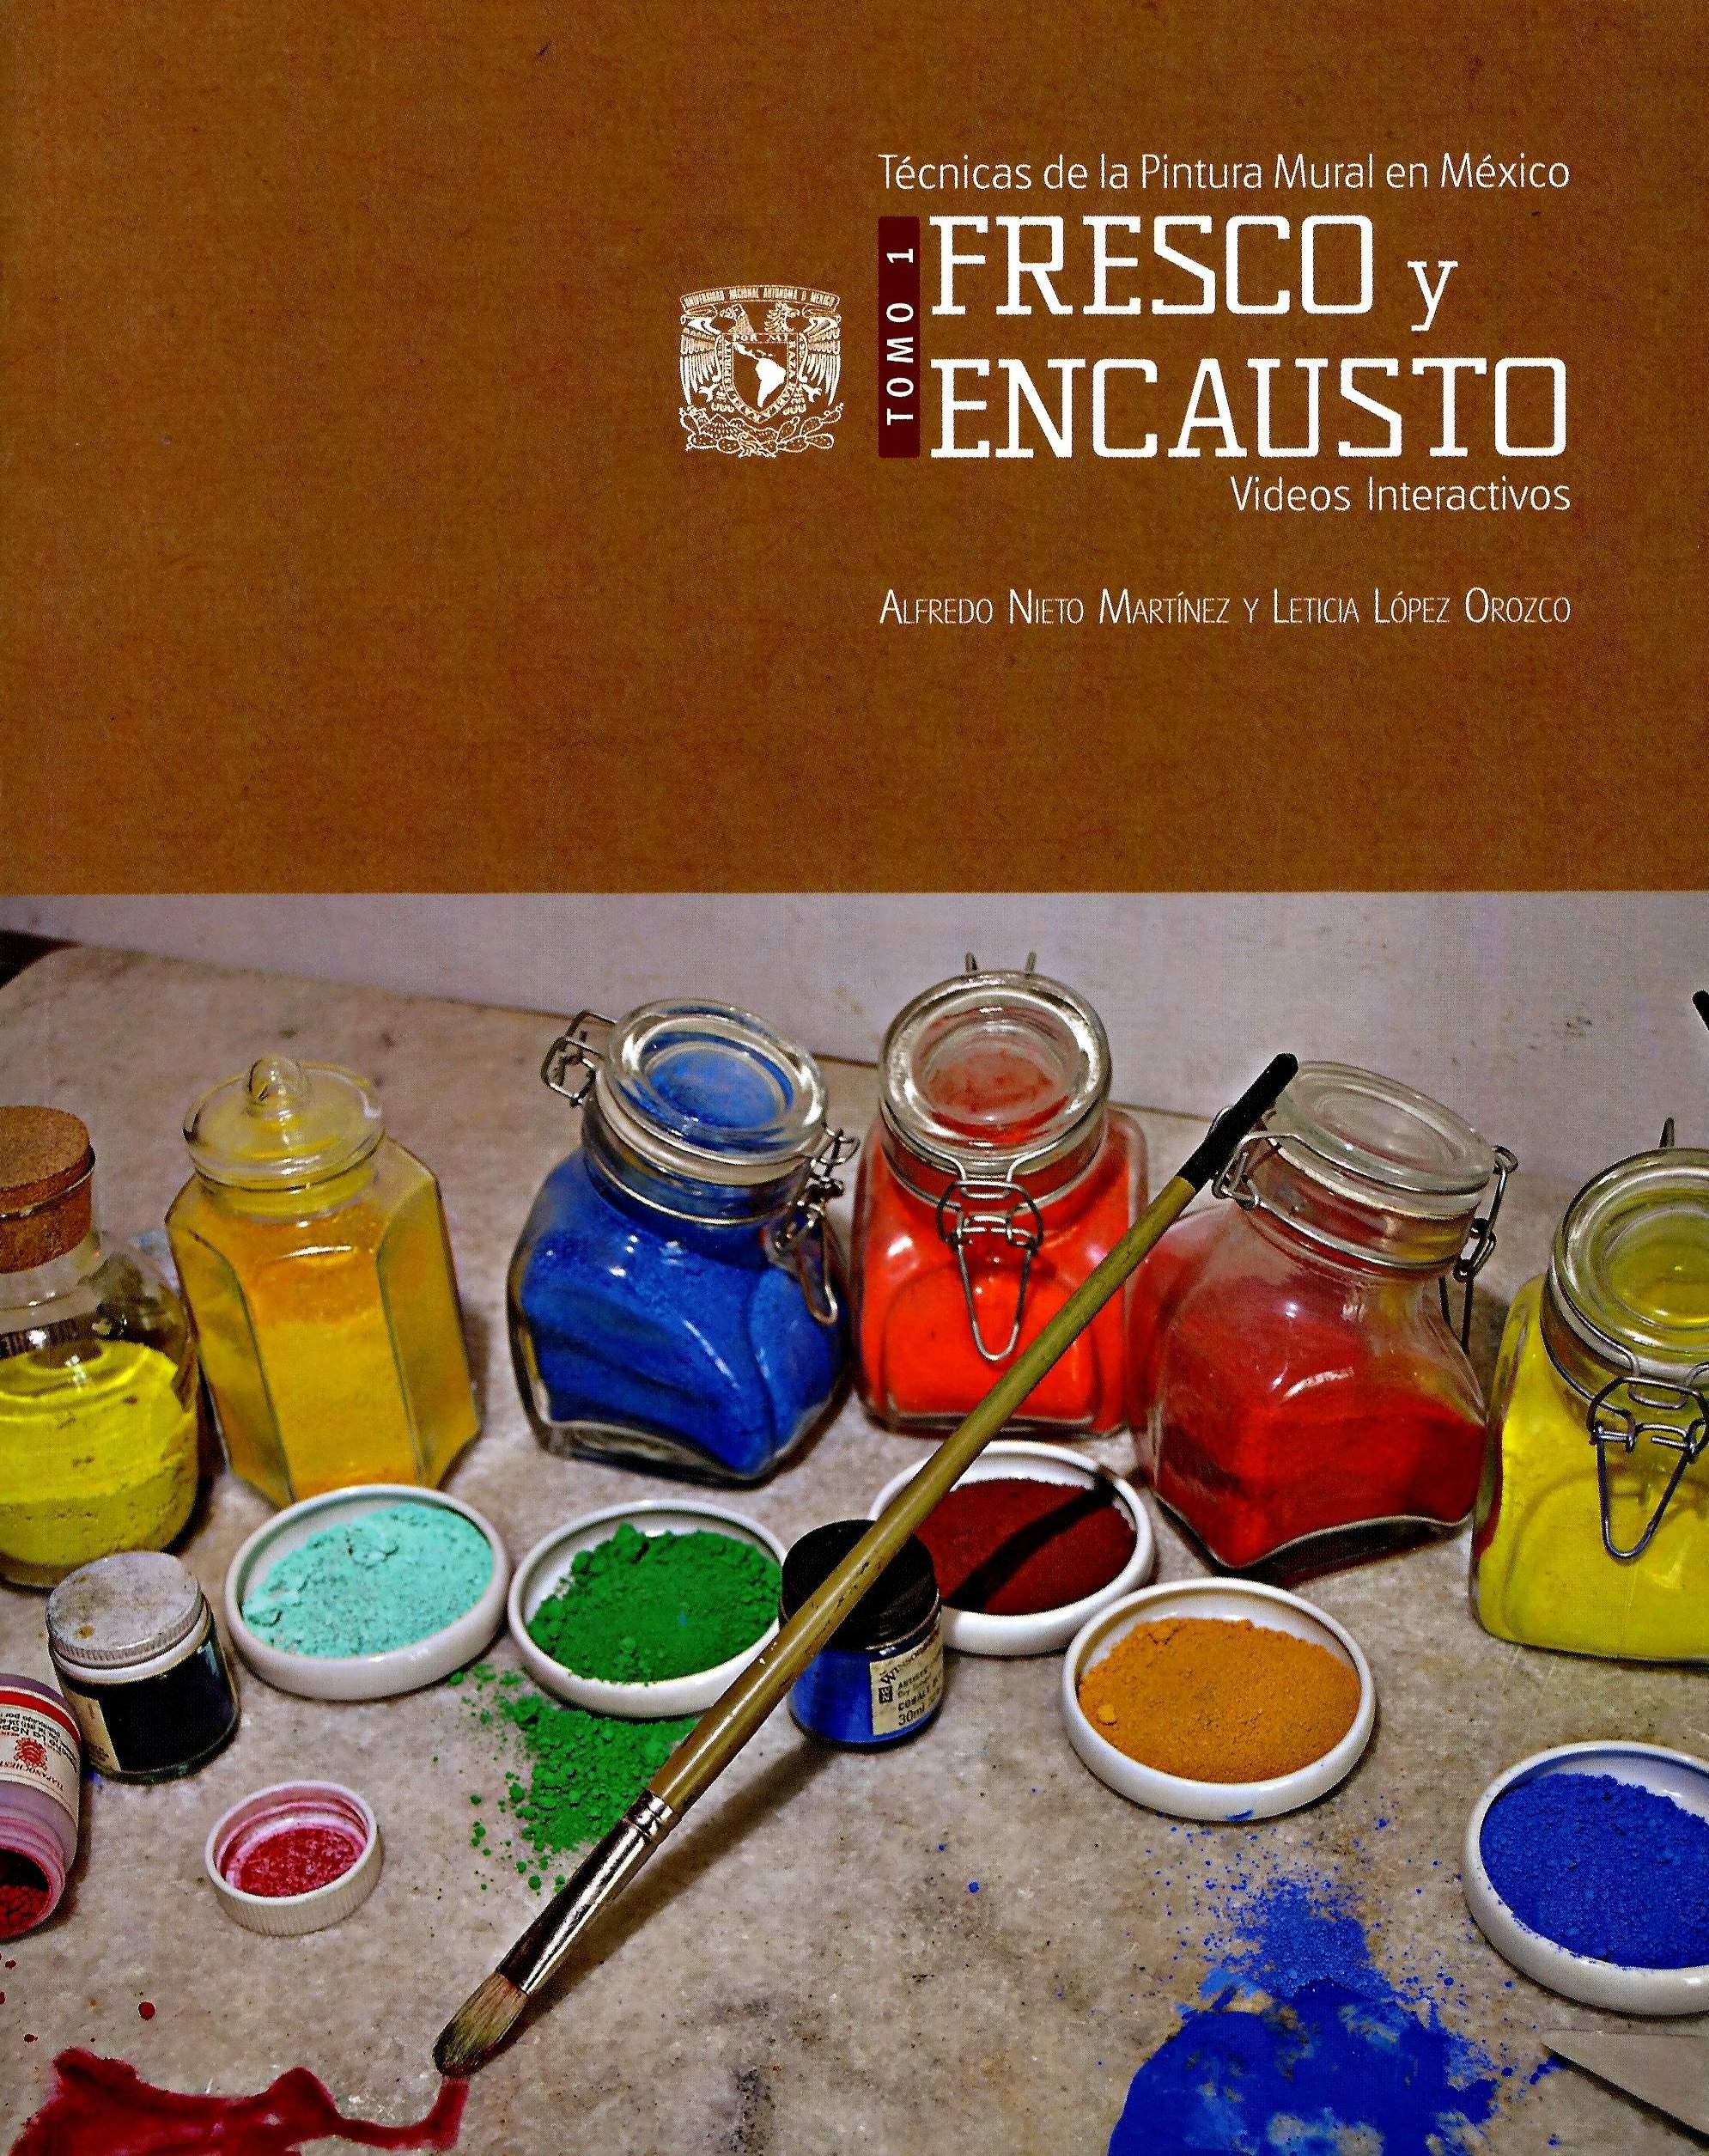 Tecnicas De Pintura Mural En Mexico Fresco Y Encausto 9786070286223